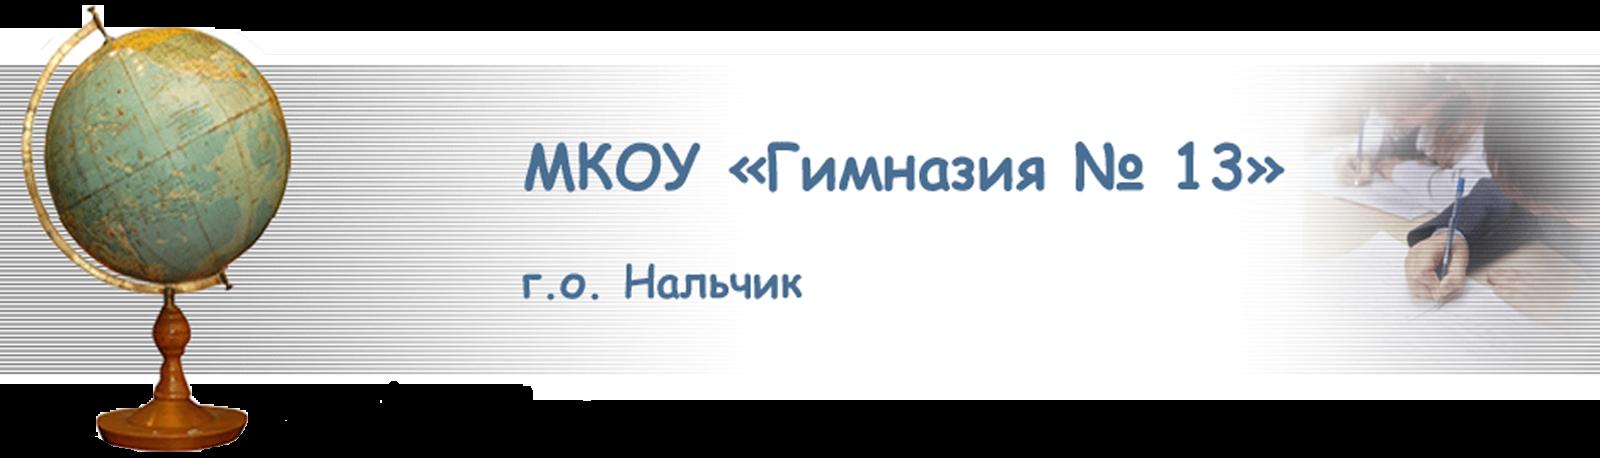 МКОУ «Гимназия №13»